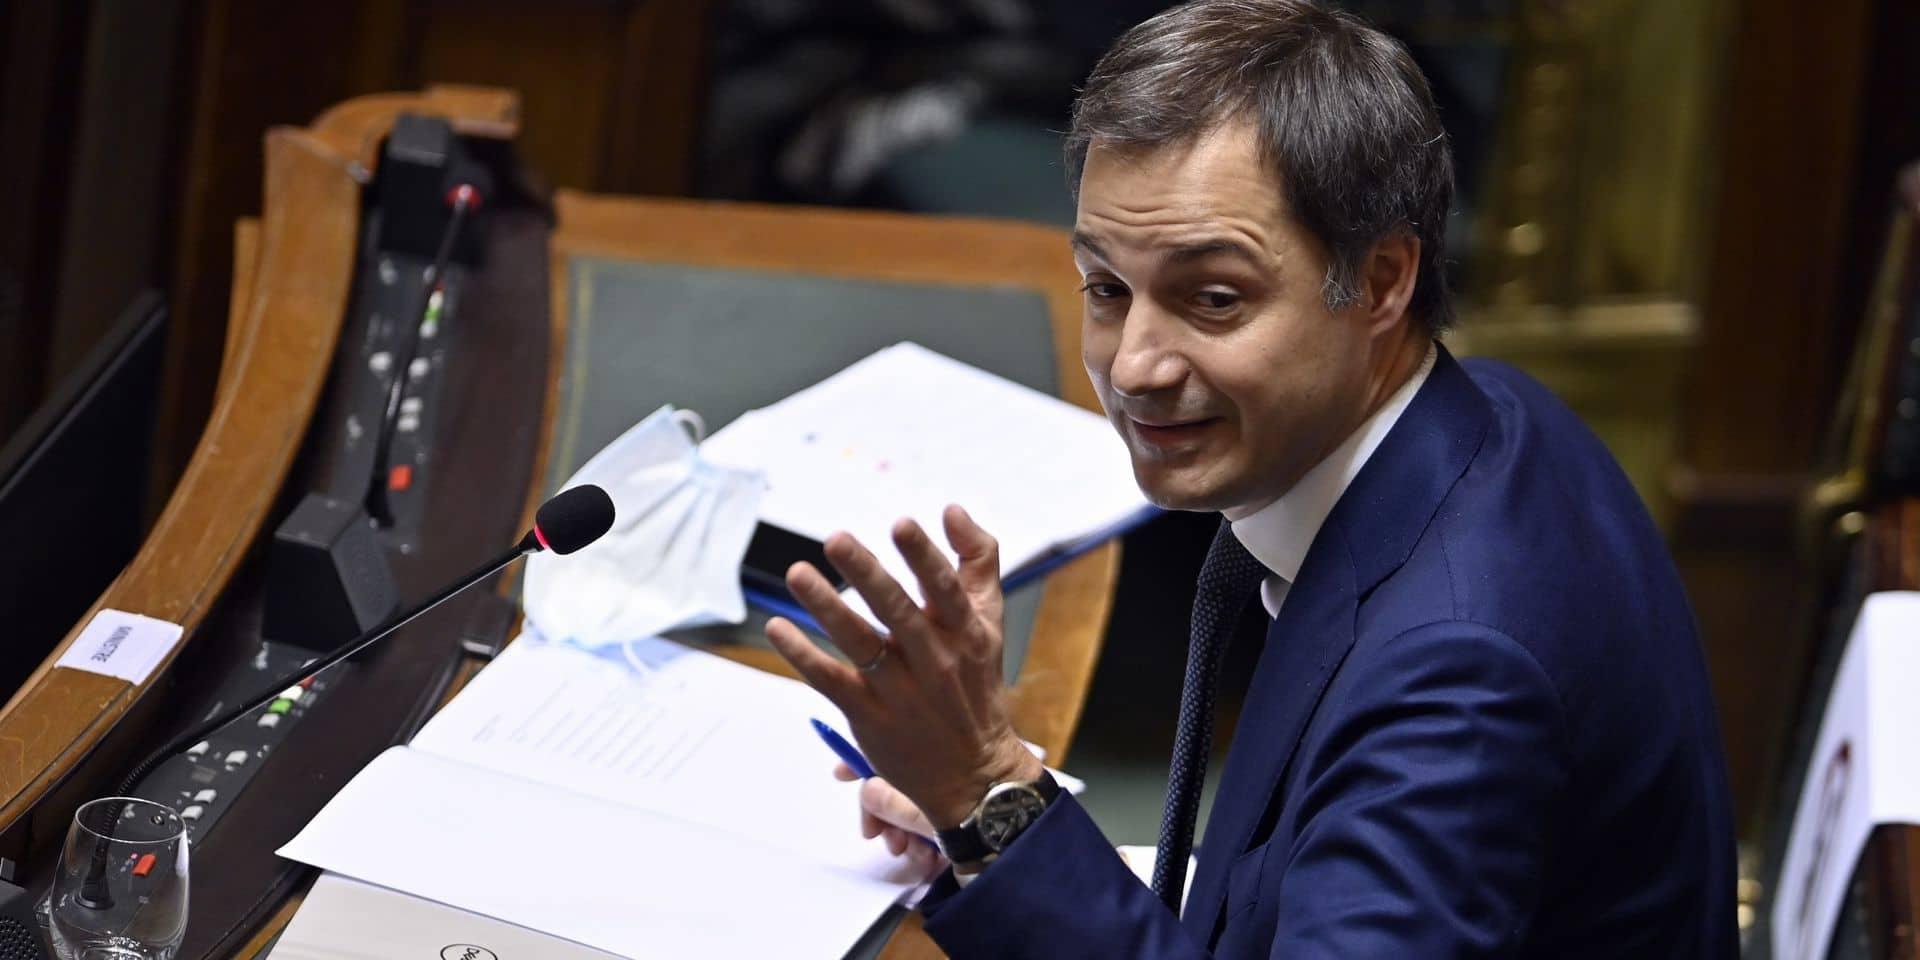 """Attaqué par l'opposition sur le budget, Alexander De Croo réagit: """"Certains semblent oublier la crise"""""""